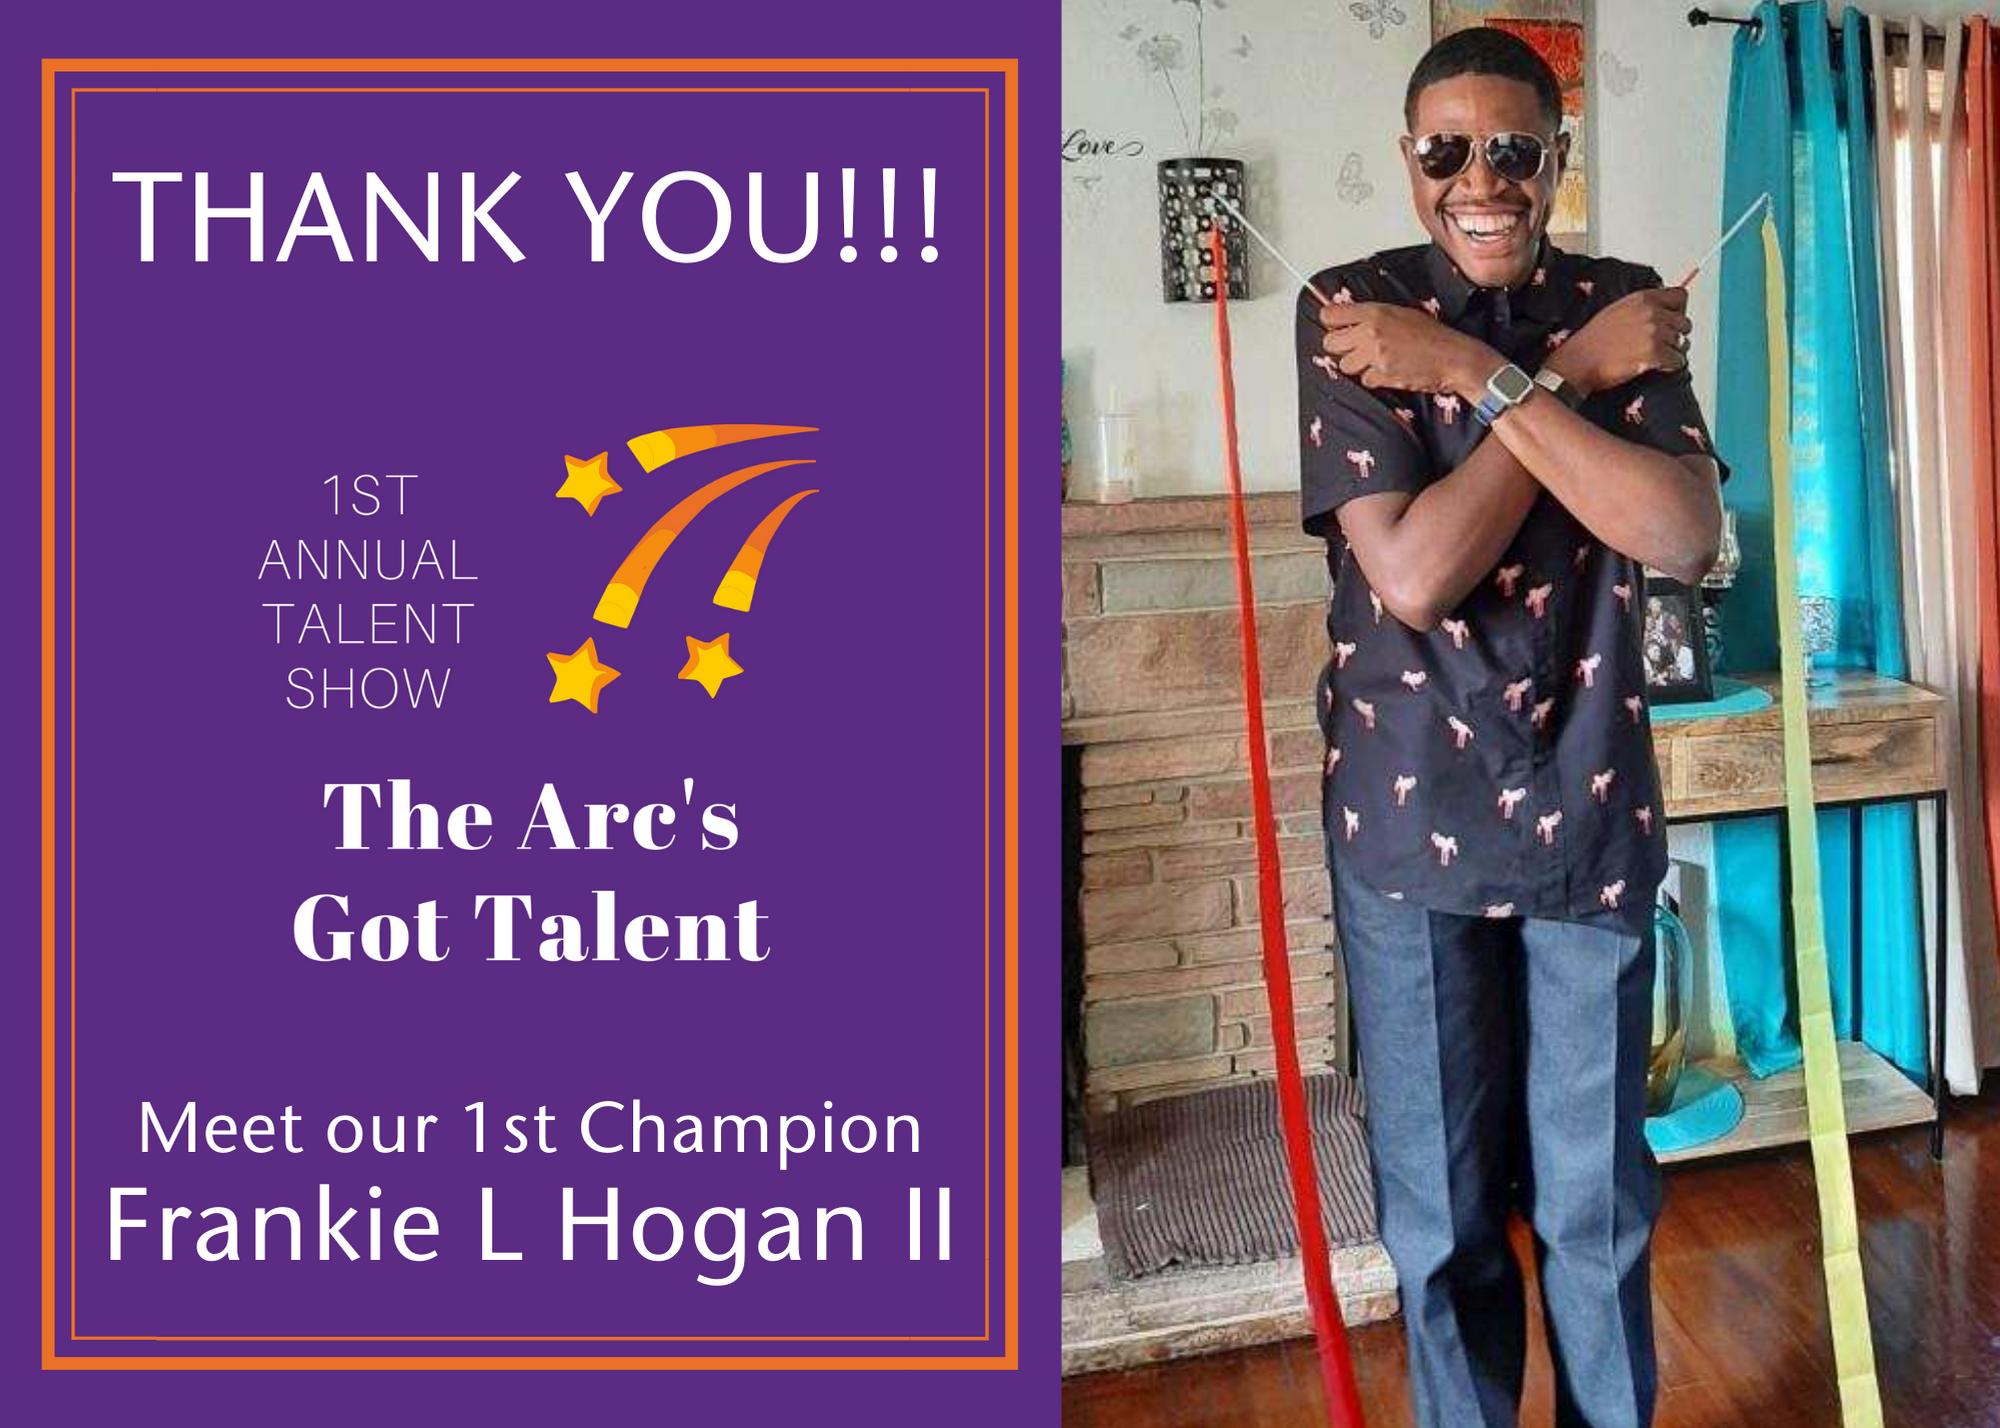 Meet our 1st The Arc's Got Talent Champion - Frankie L Hogan II